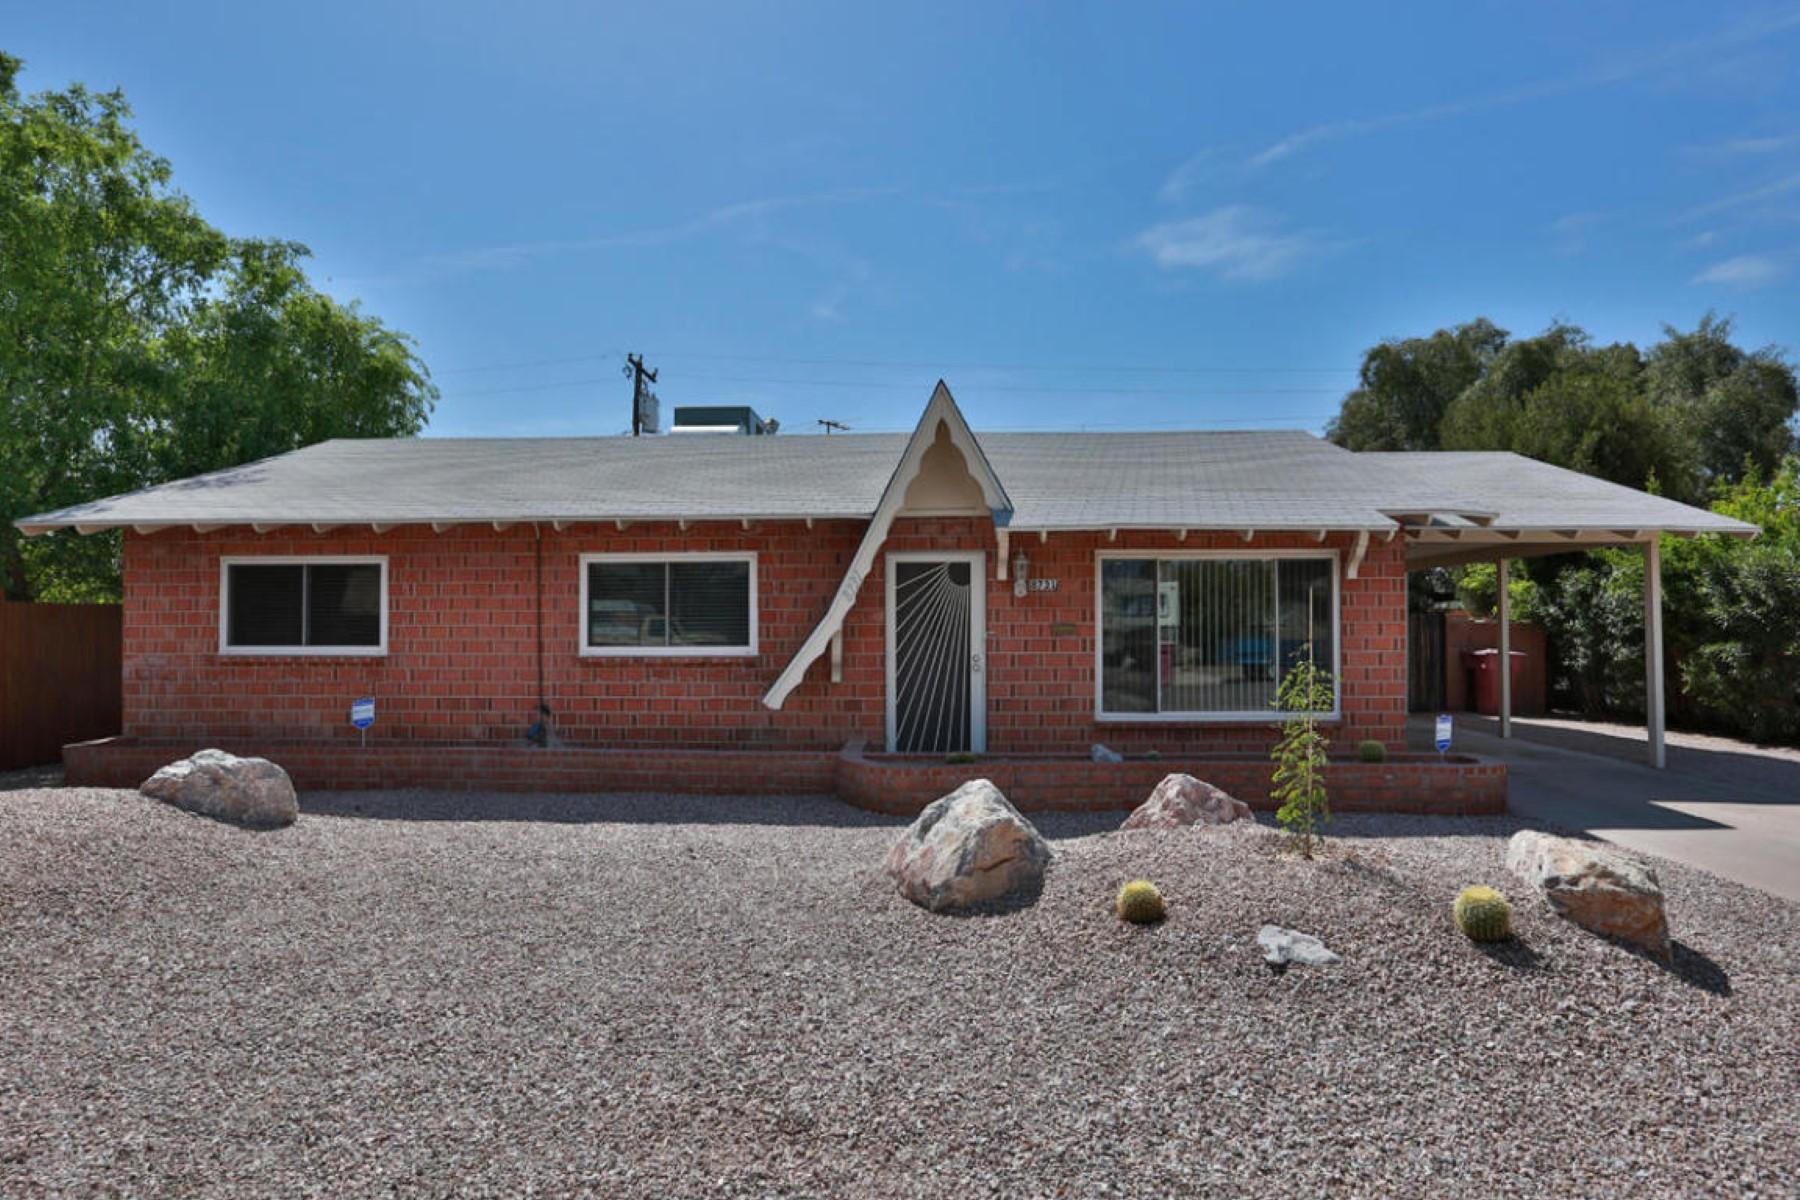 獨棟家庭住宅 為 出售 在 Fantastic home in Scottsdale Estates 8731 E Mariposa Dr Scottsdale, 亞利桑那州, 85251 美國